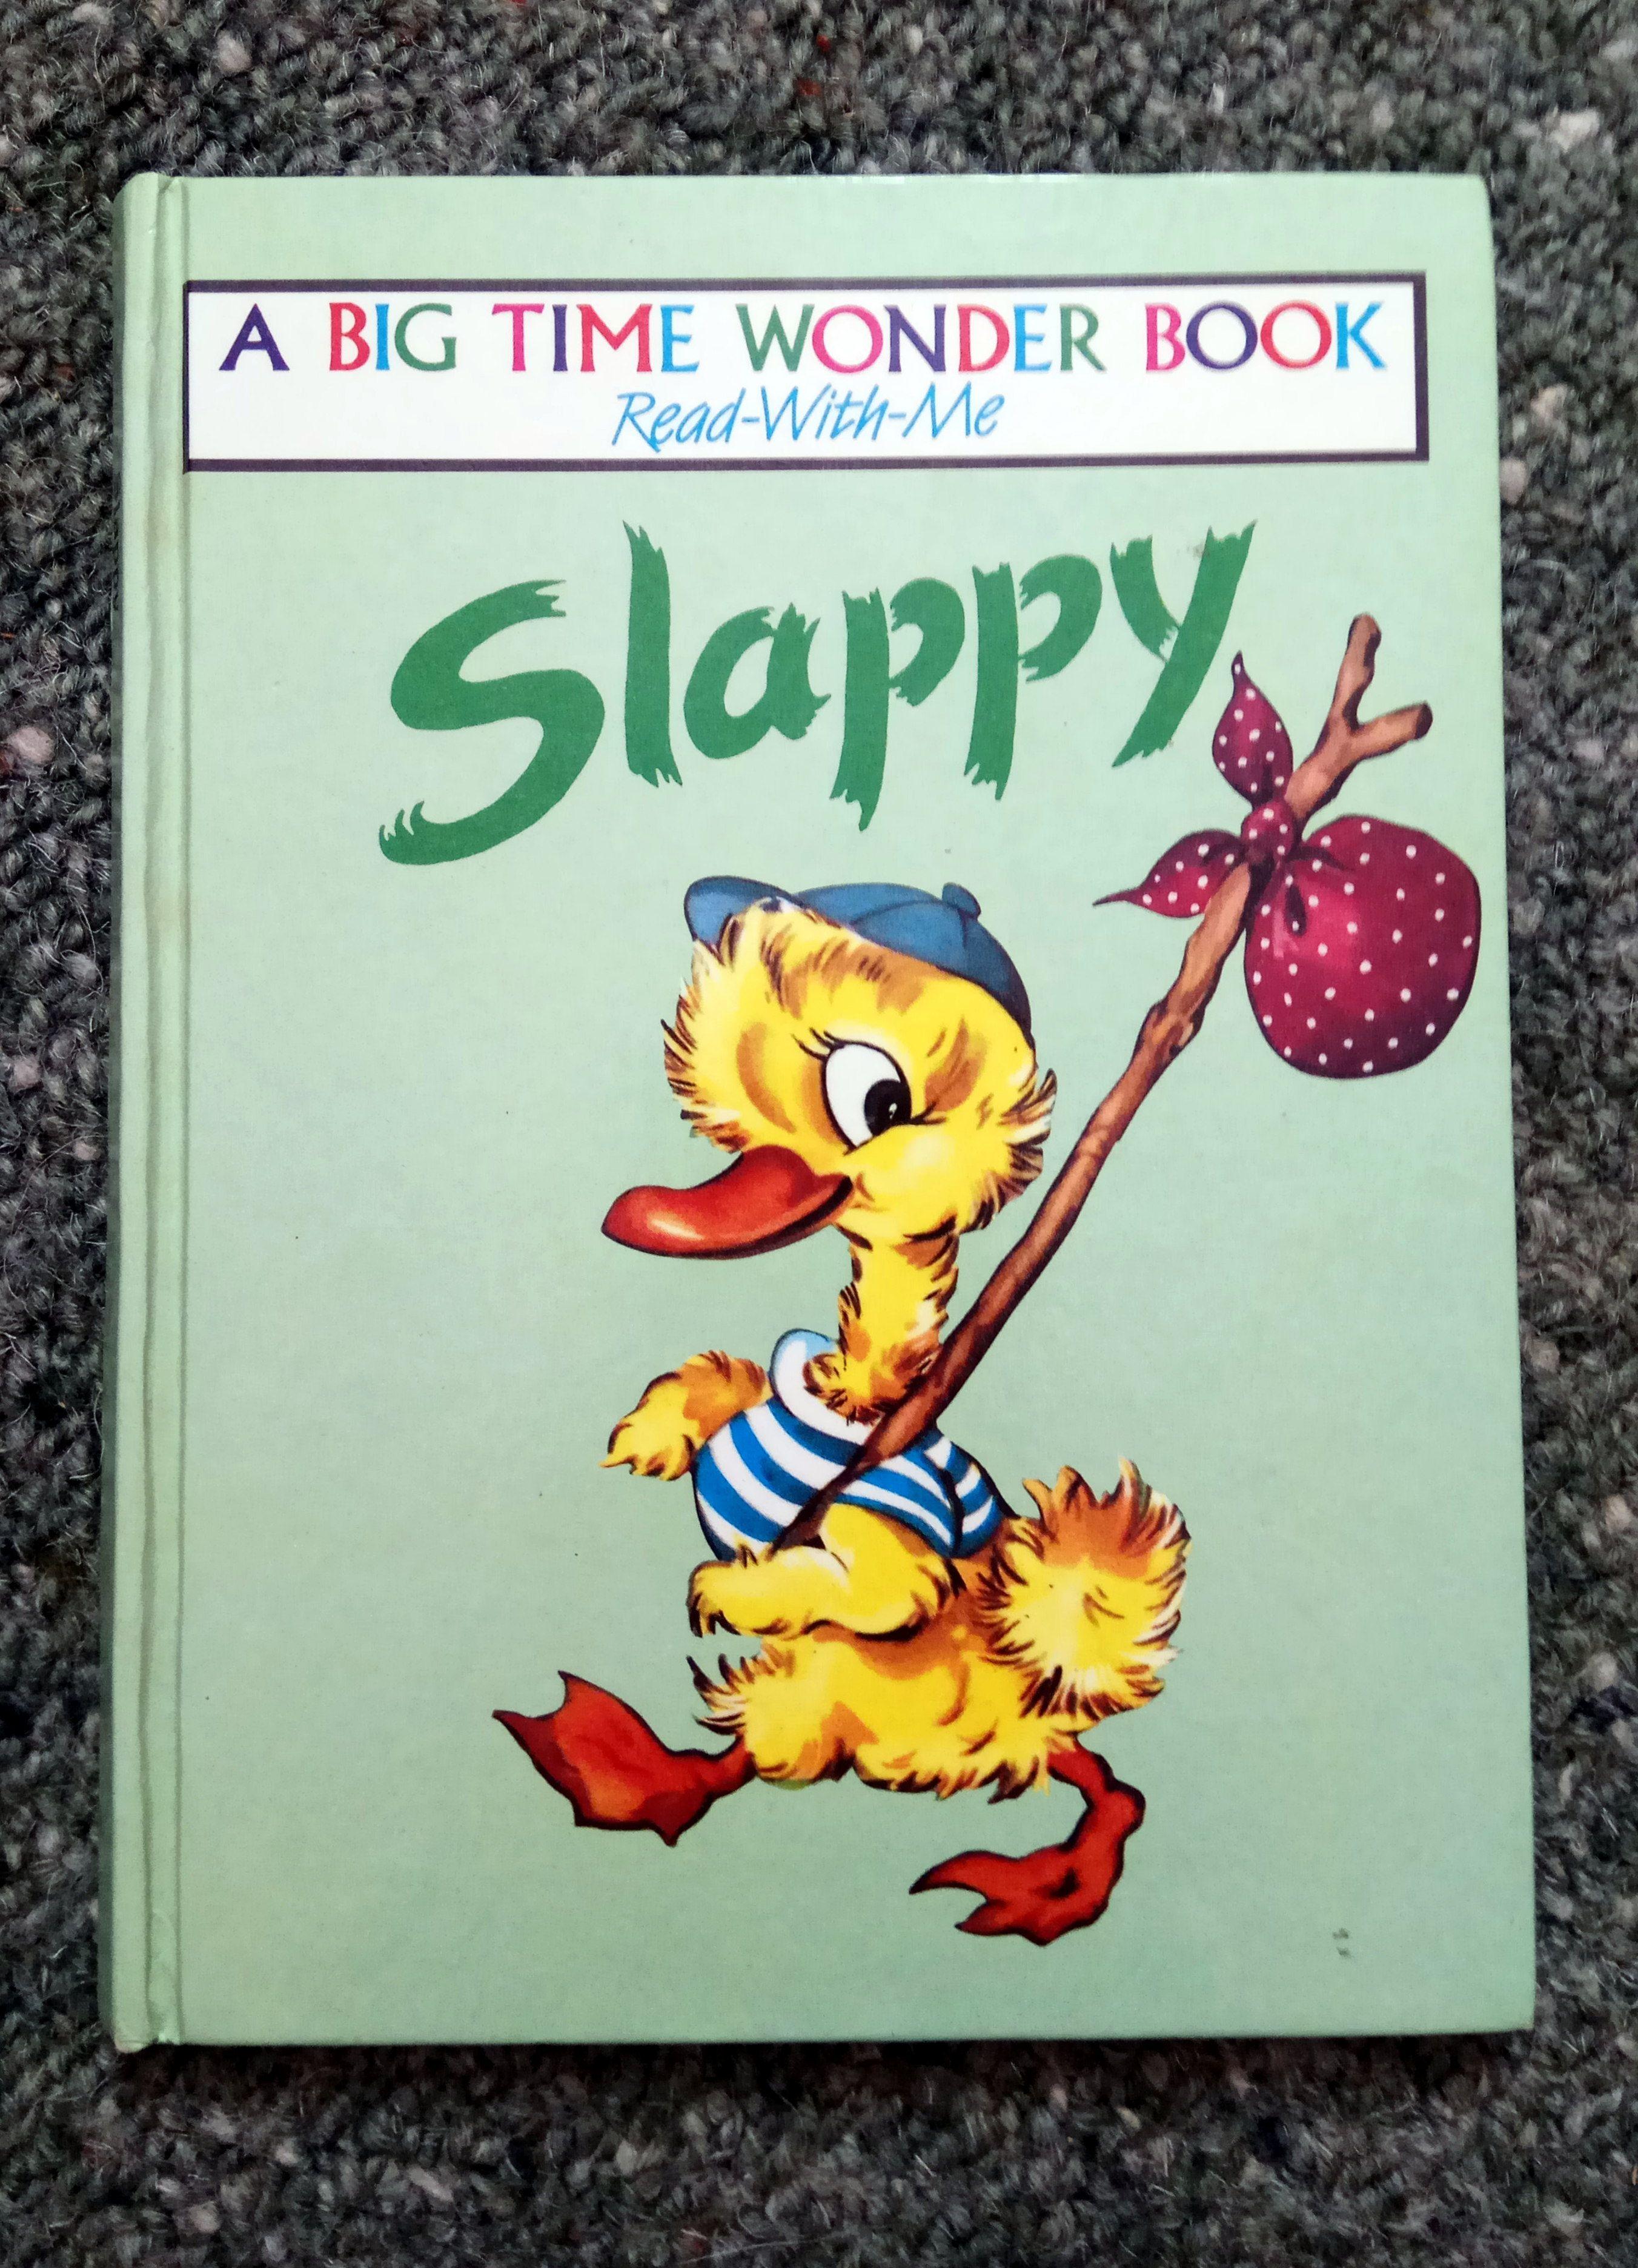 Slappy - Author Unknown  A Big Time Wonder Book  Children's Book